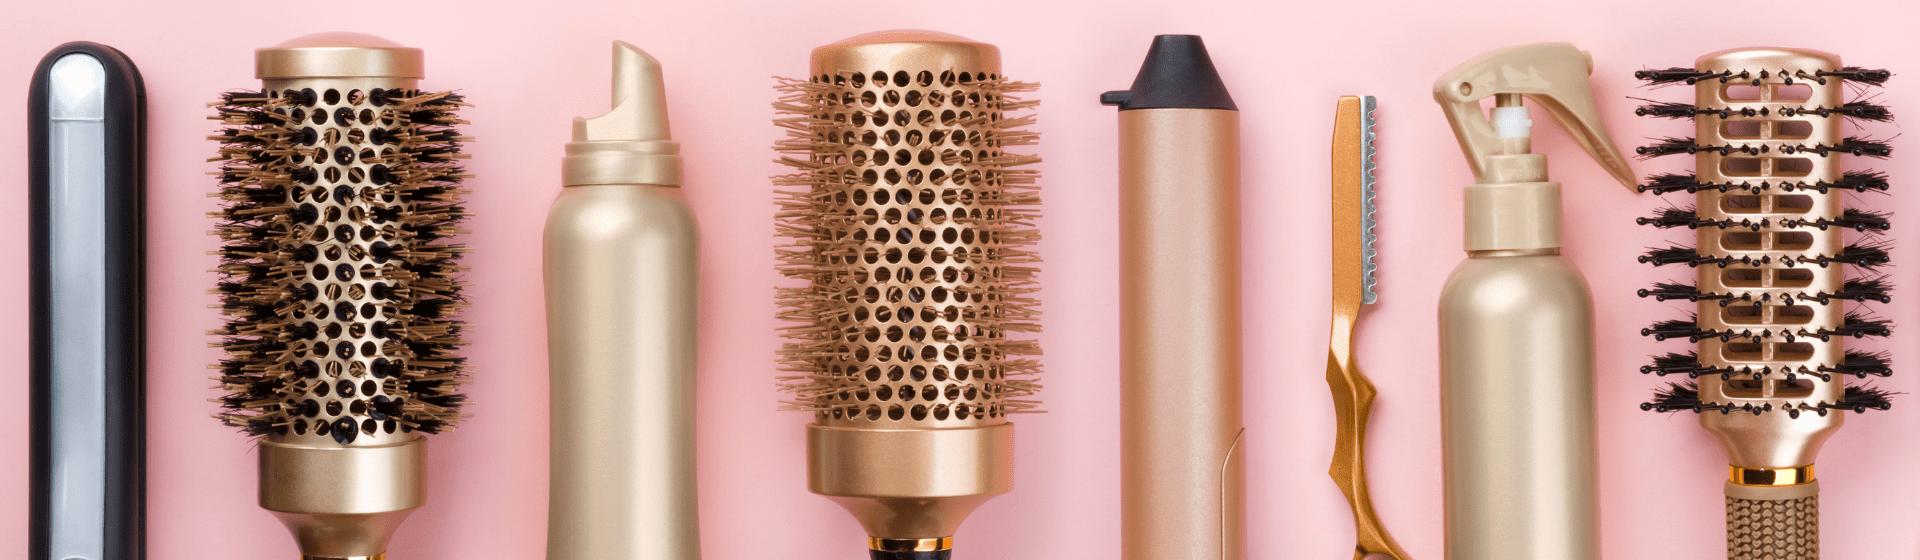 Melhor escova rotativa de 2021: 5 modelos para comprar